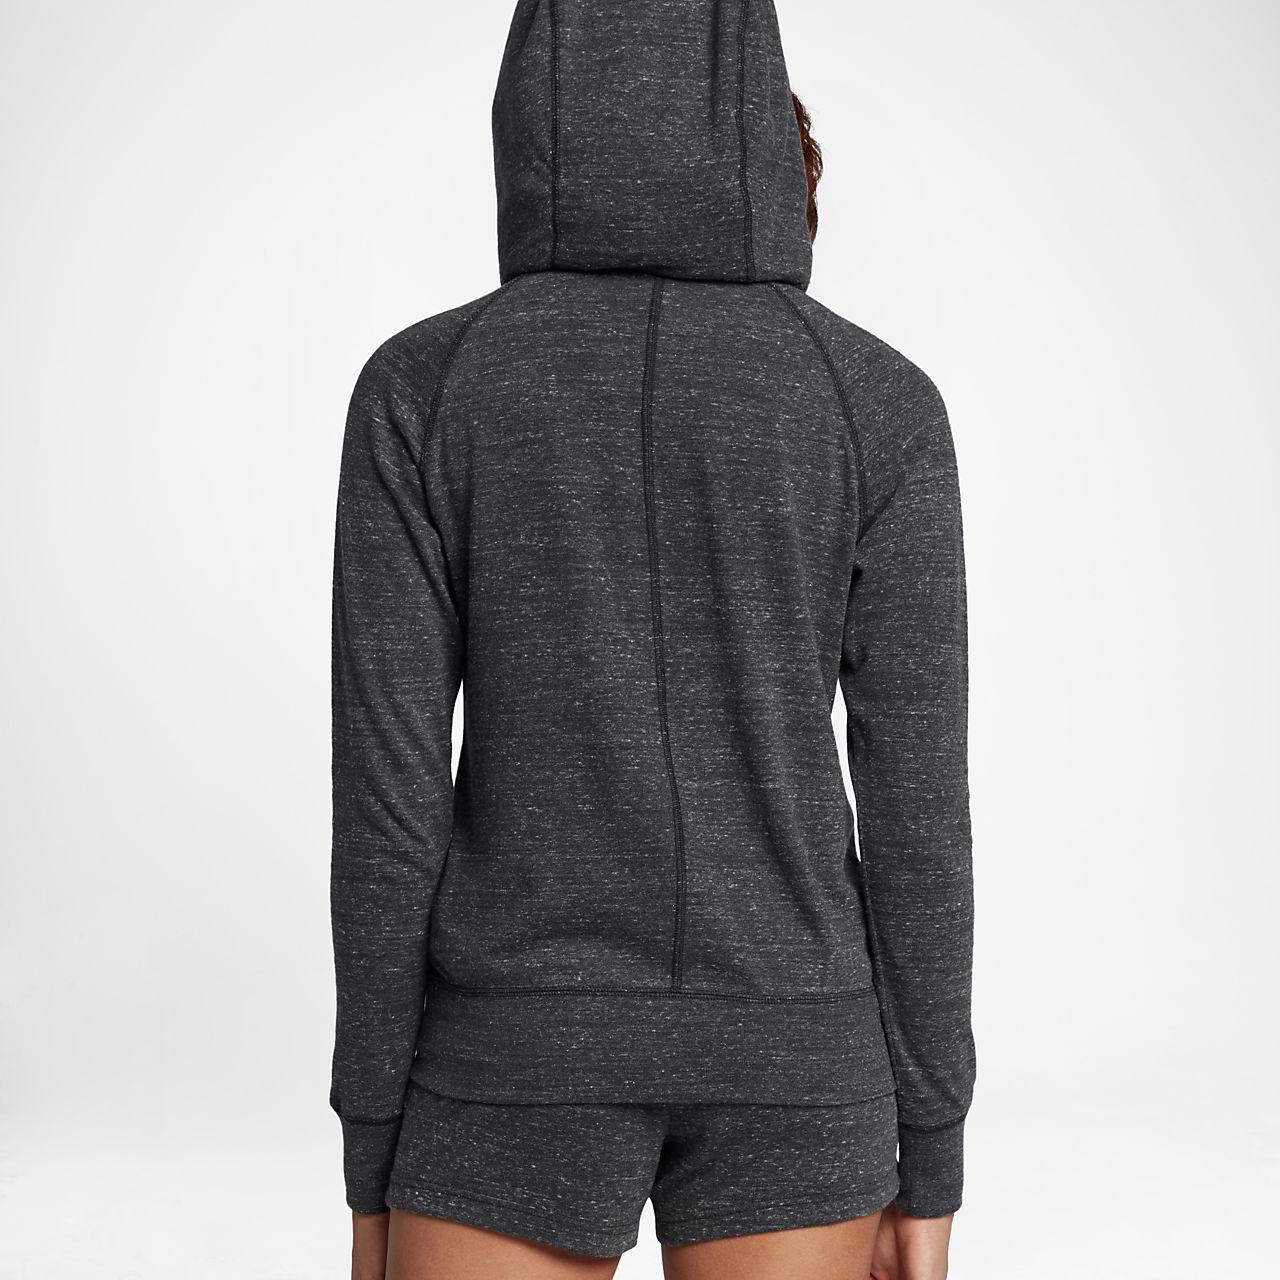 ... Sweat à capuche entièrement zippé Nike Sportswear Gym Vintage pour Femme 592e7325c51